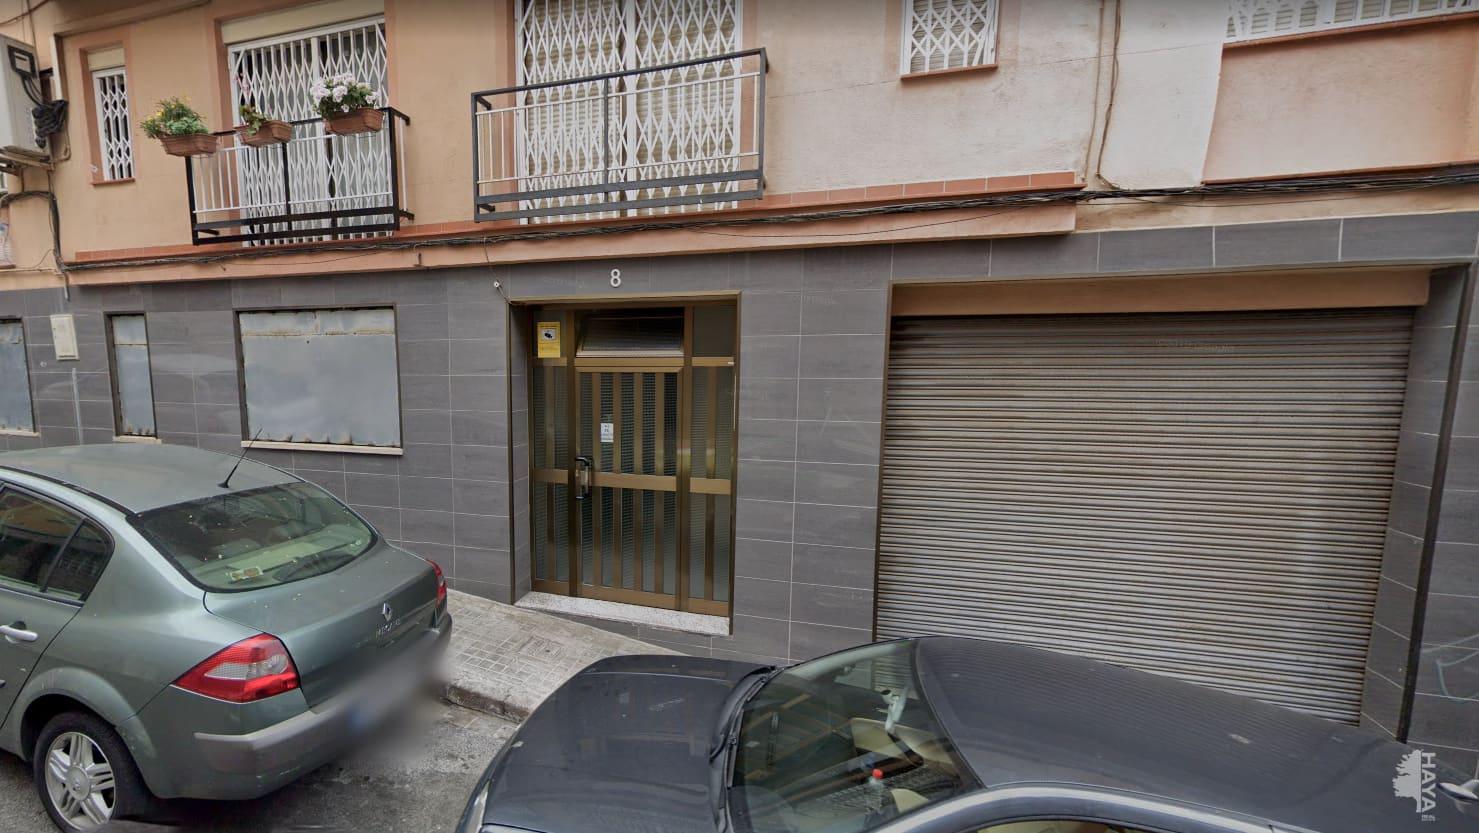 Piso en venta en Sant Antoni de Llefià, Santa Coloma de Gramenet, Barcelona, Pasaje Parcerisas, 90.900 €, 3 habitaciones, 1 baño, 61 m2